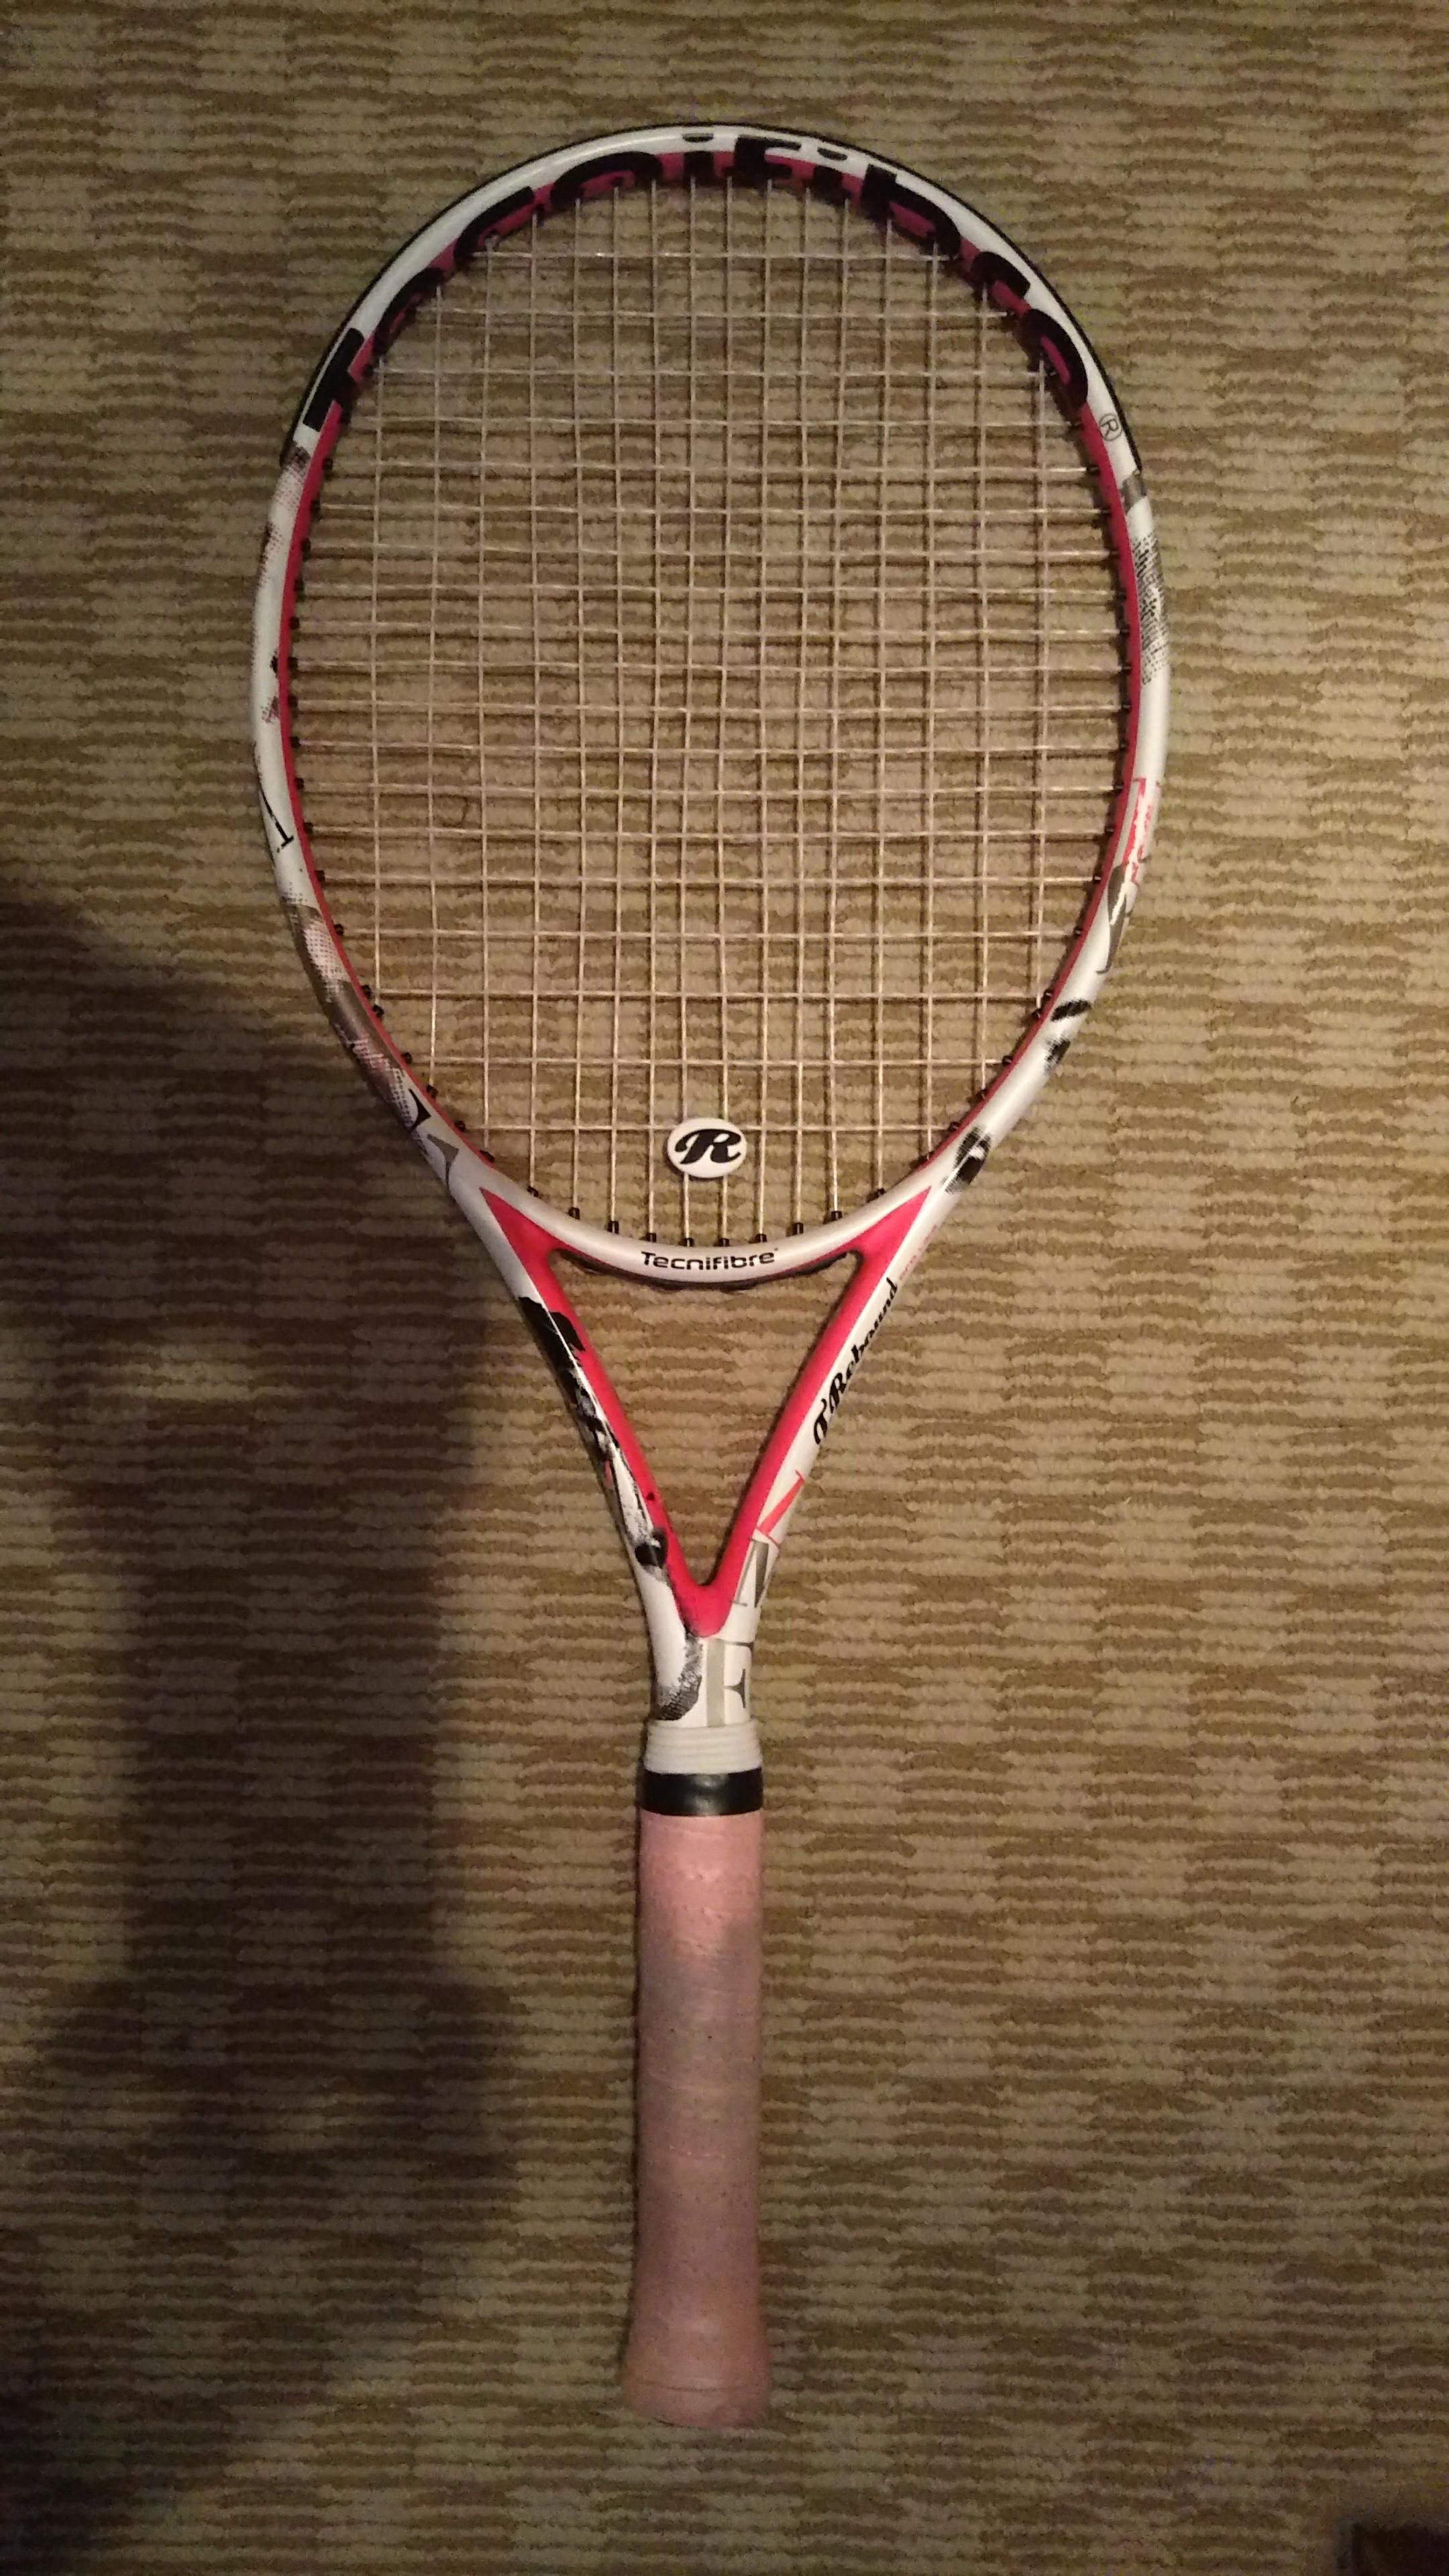 スポーツで健康的に⭐️-テニス-